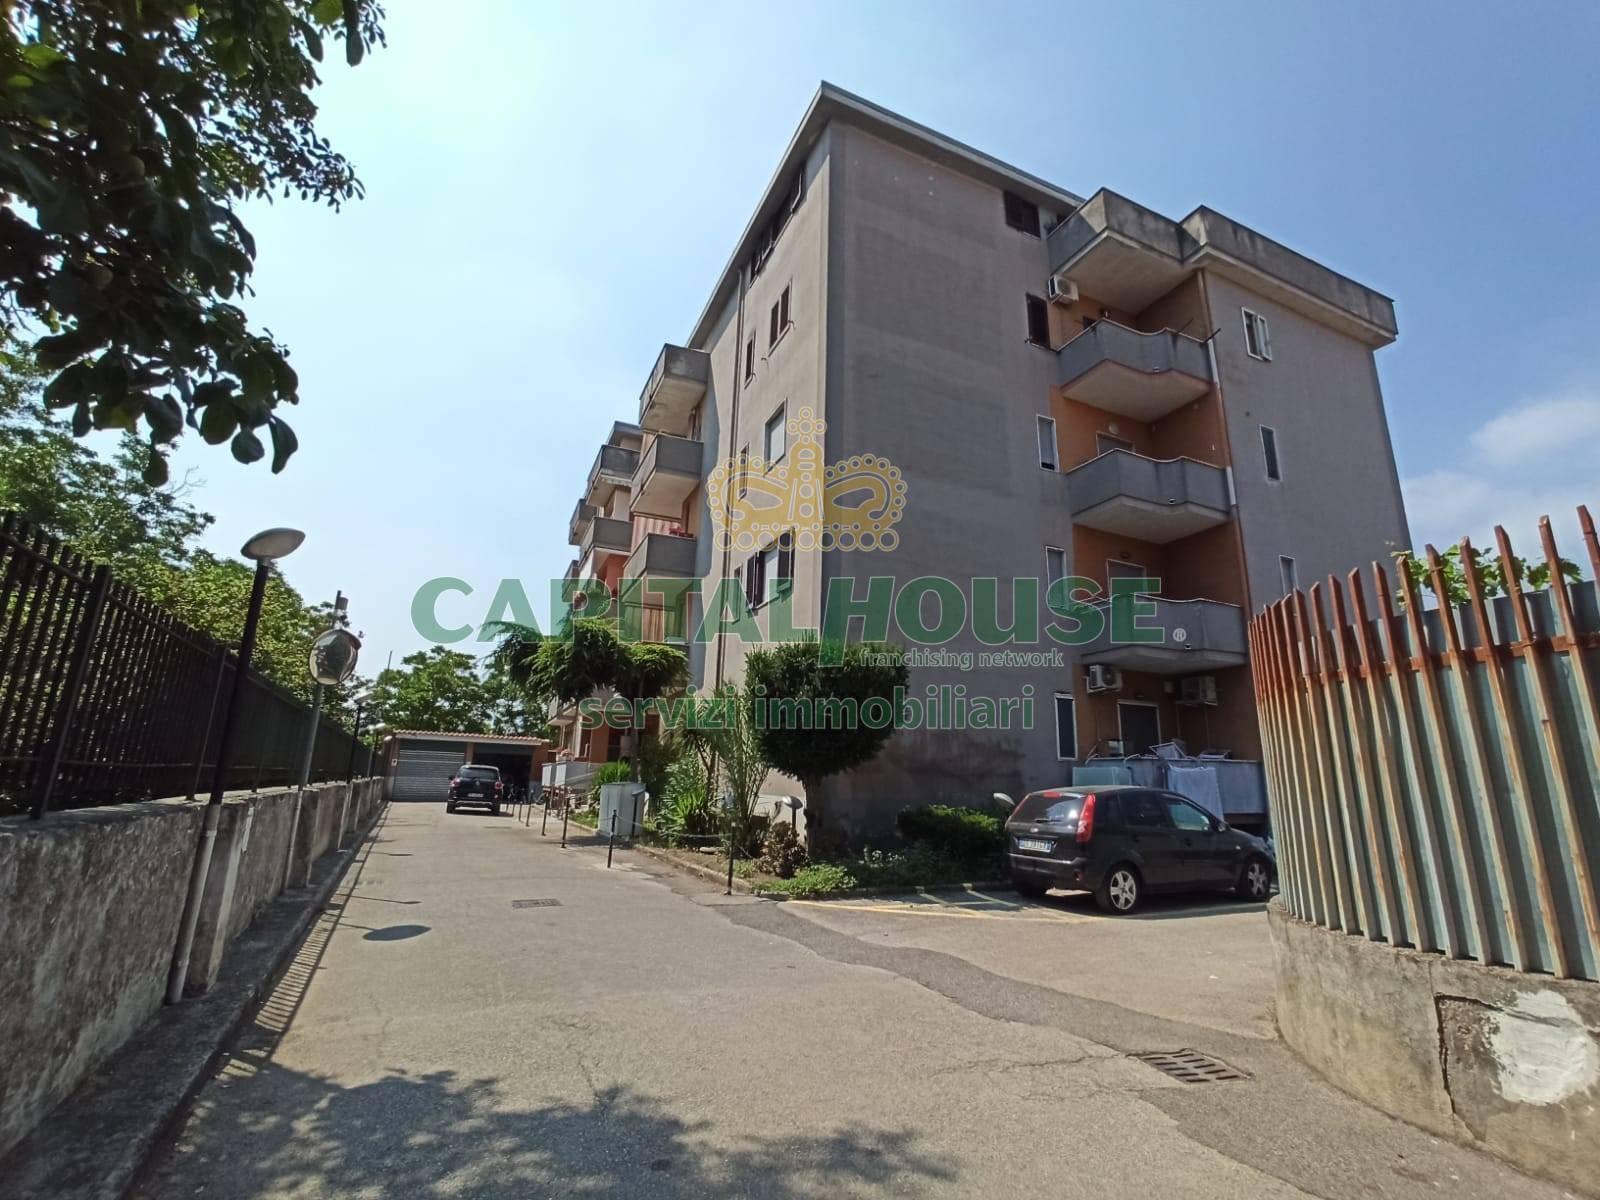 Appartamento in vendita a San Gennaro Vesuviano, 4 locali, prezzo € 129.000 | CambioCasa.it